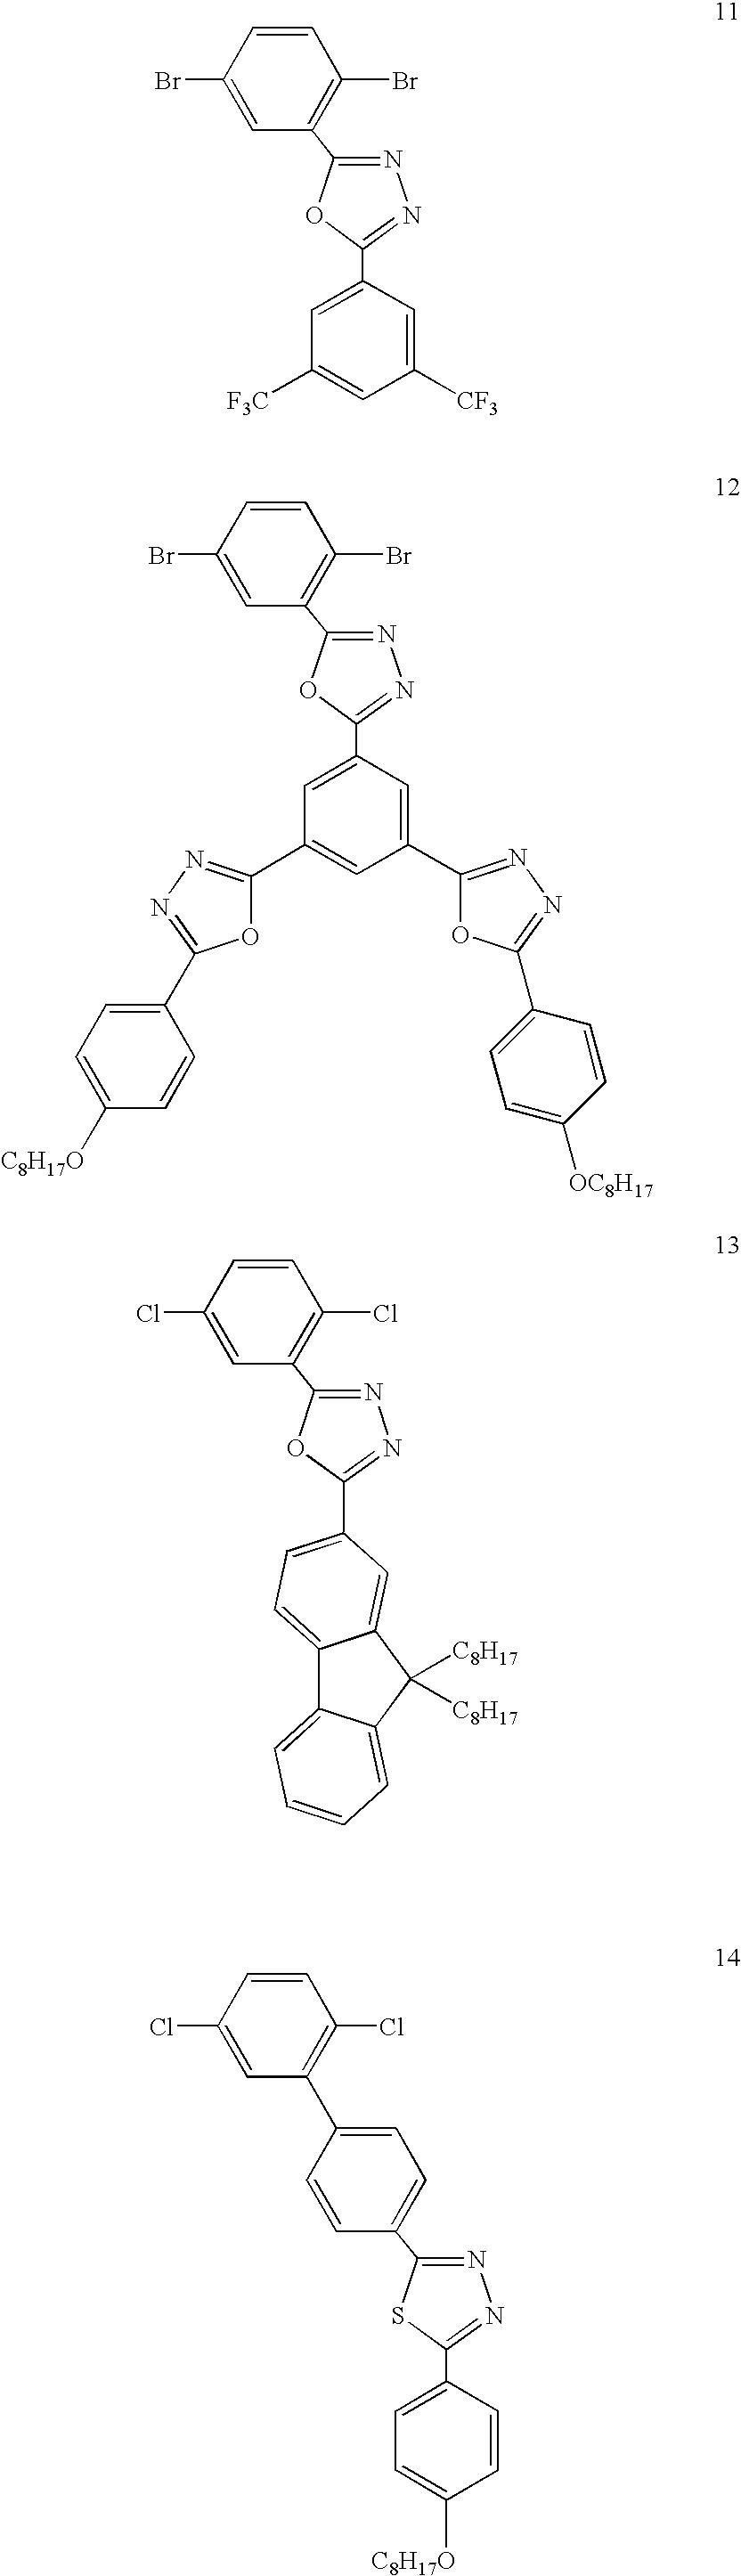 Figure US20040062930A1-20040401-C00103